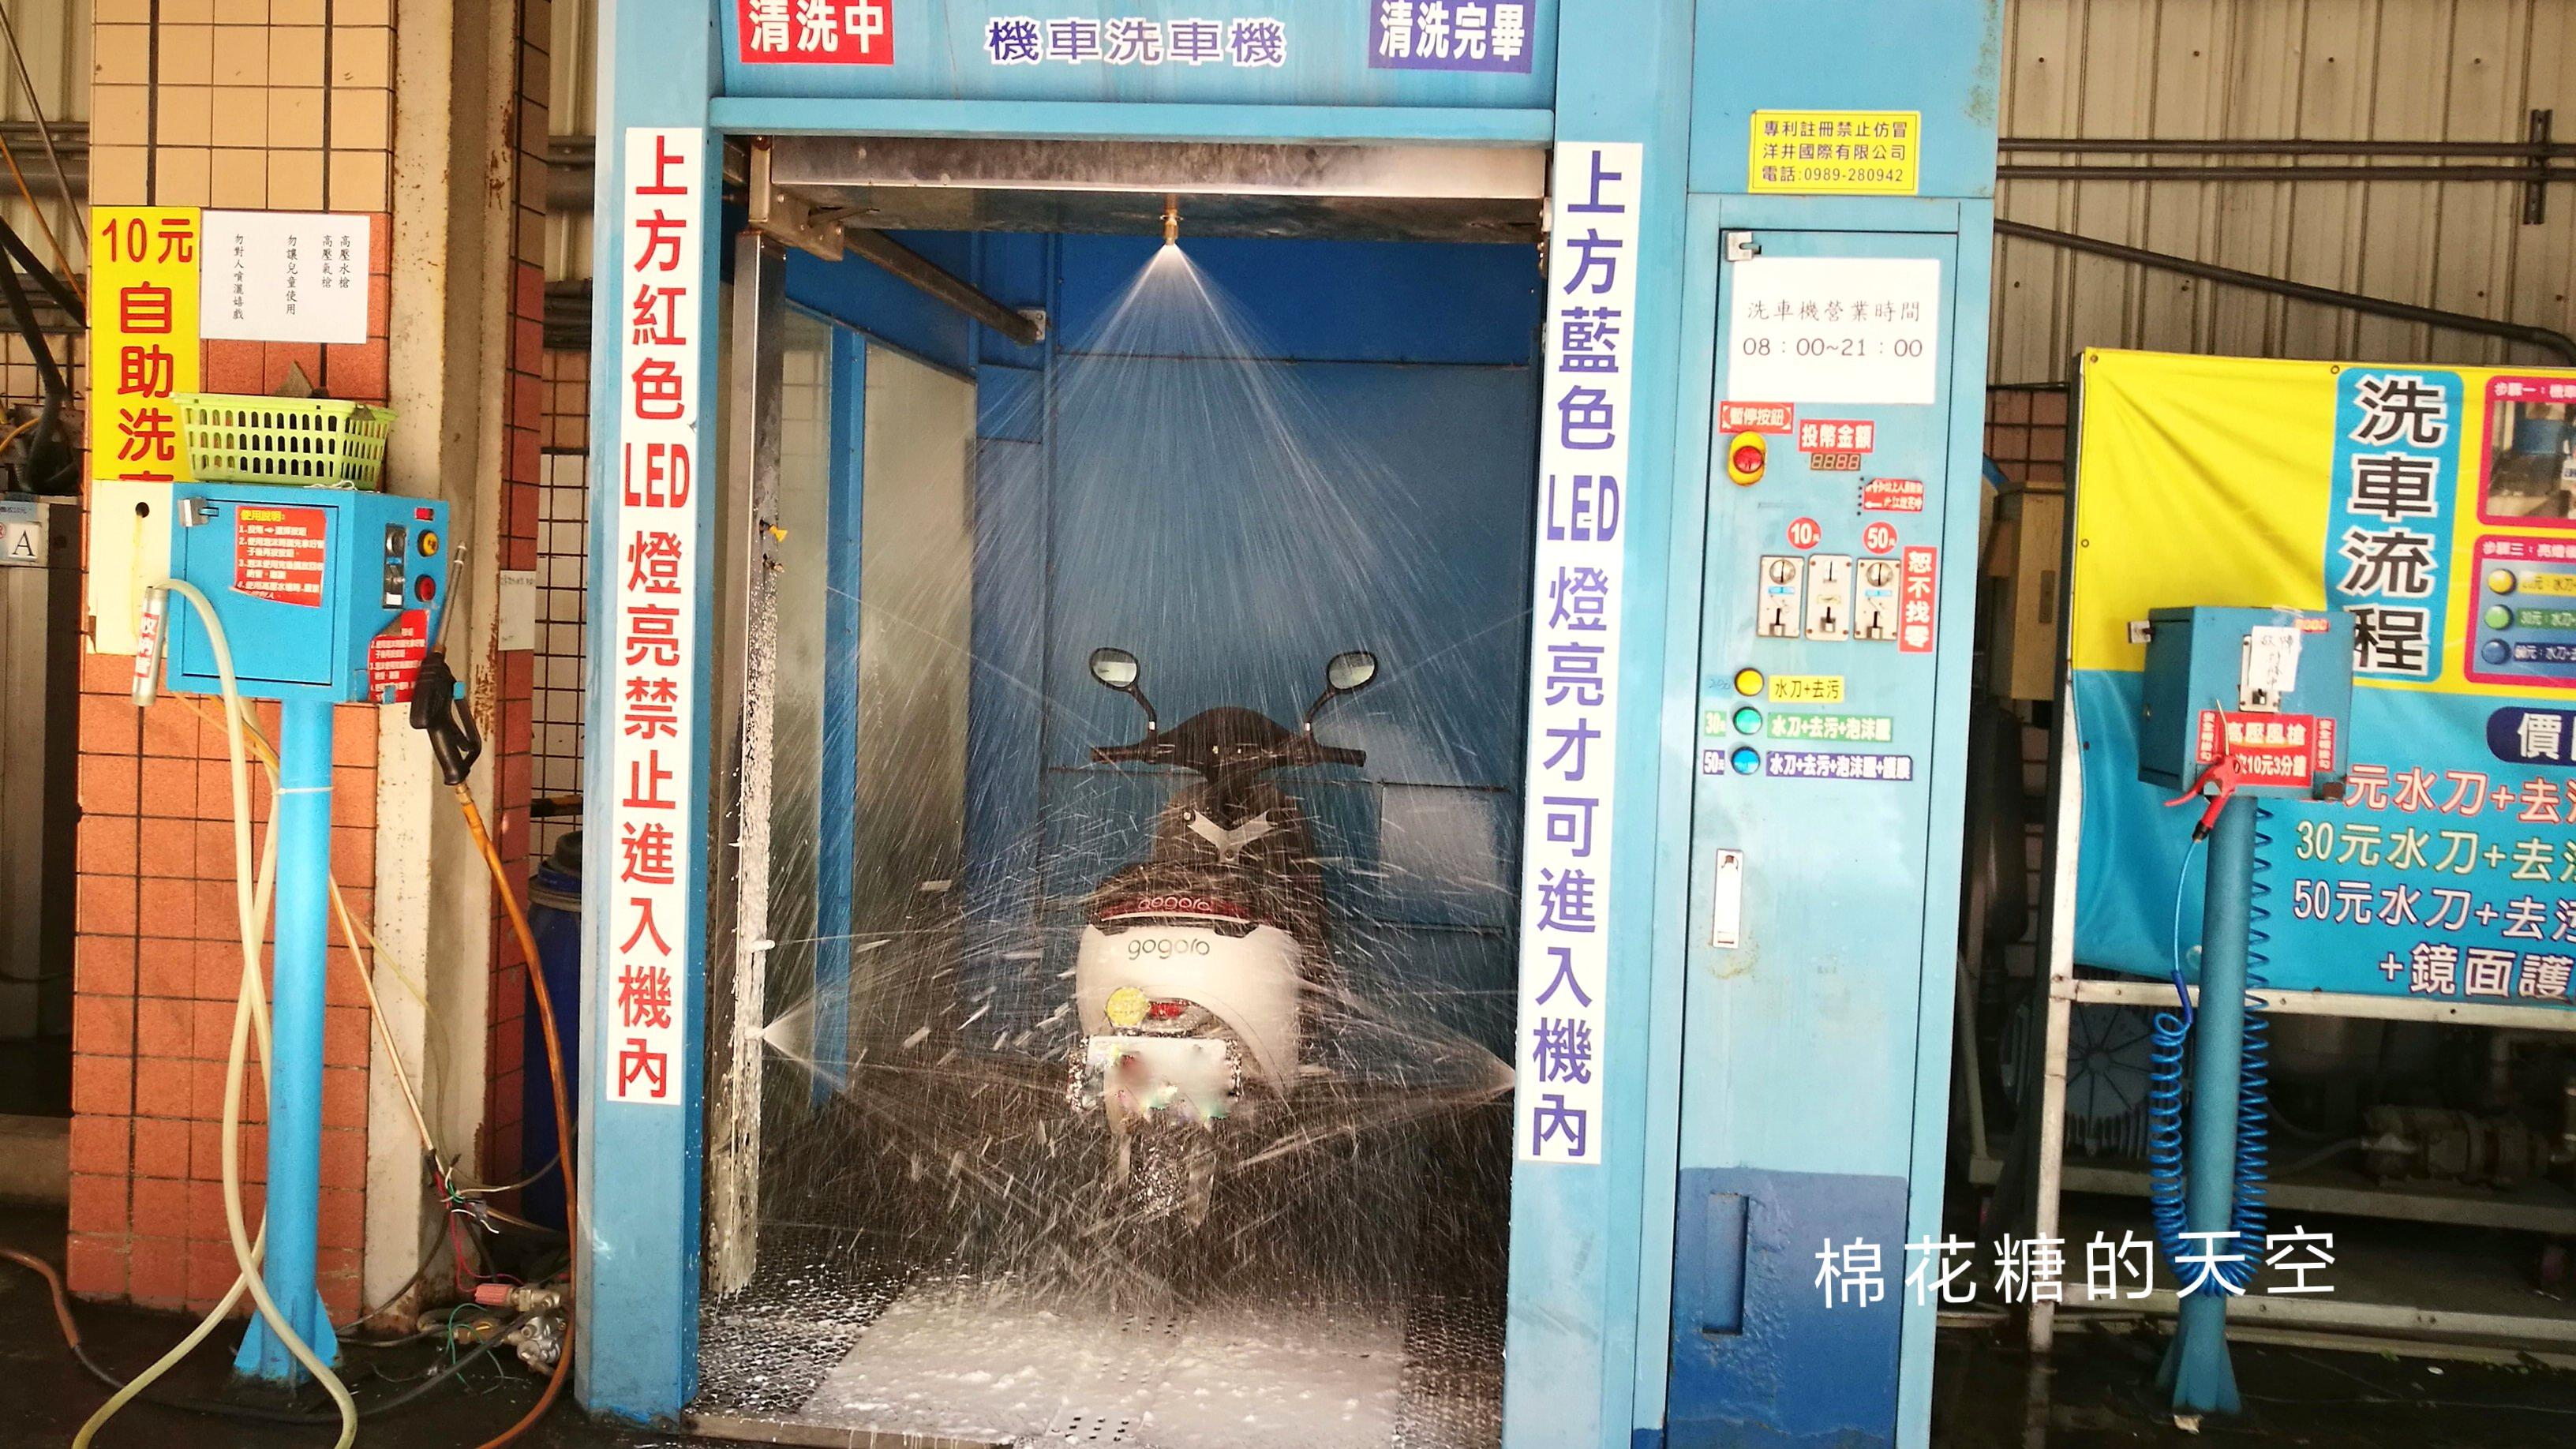 一中街旁機車不用自己洗~台中自動洗車摩托車也能用!記得先看使用說明唷~